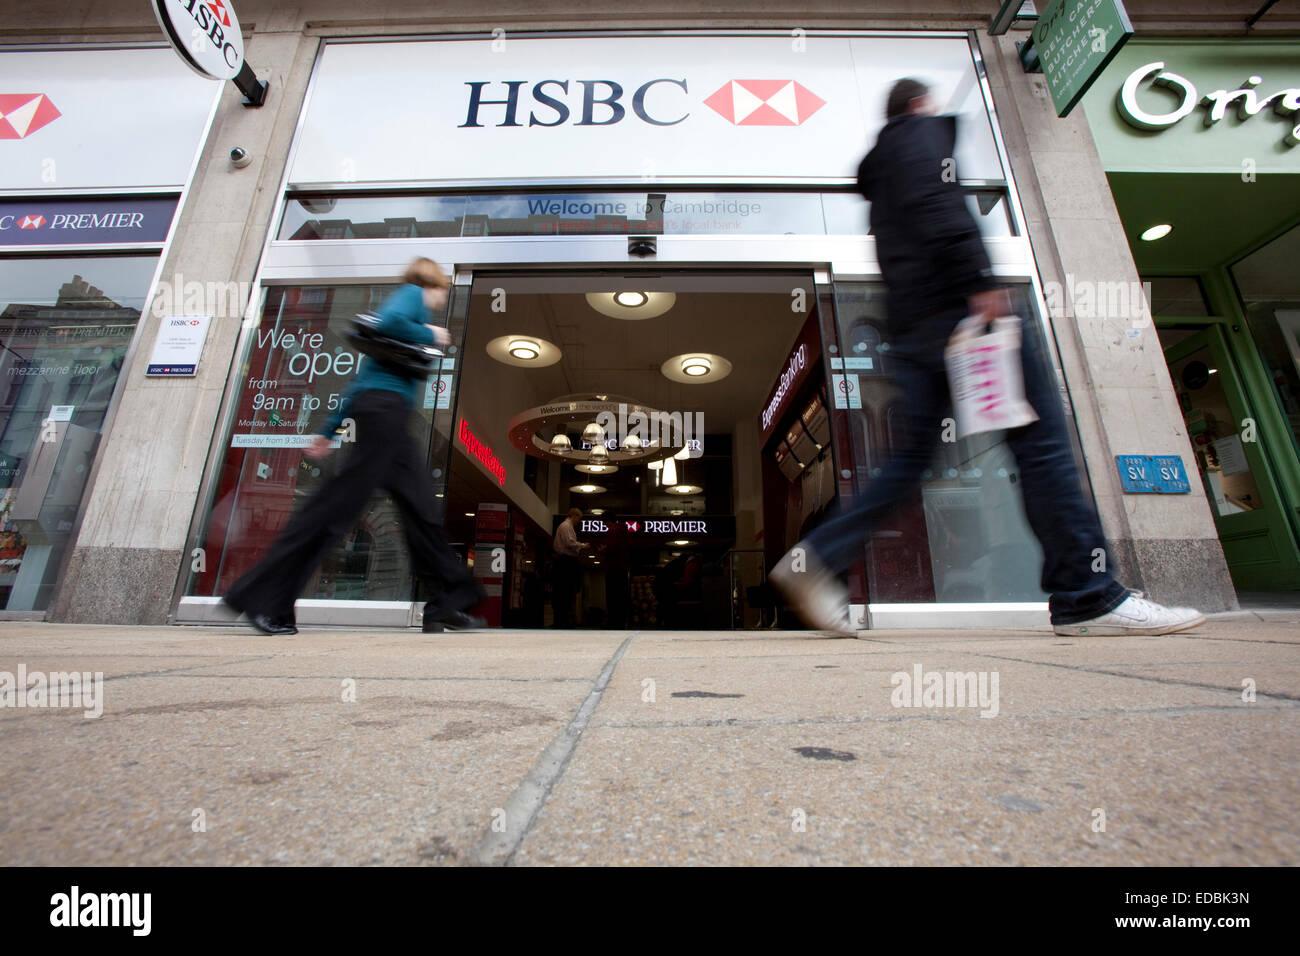 Außenaufnahme einer HSBC Filiale. Stockbild